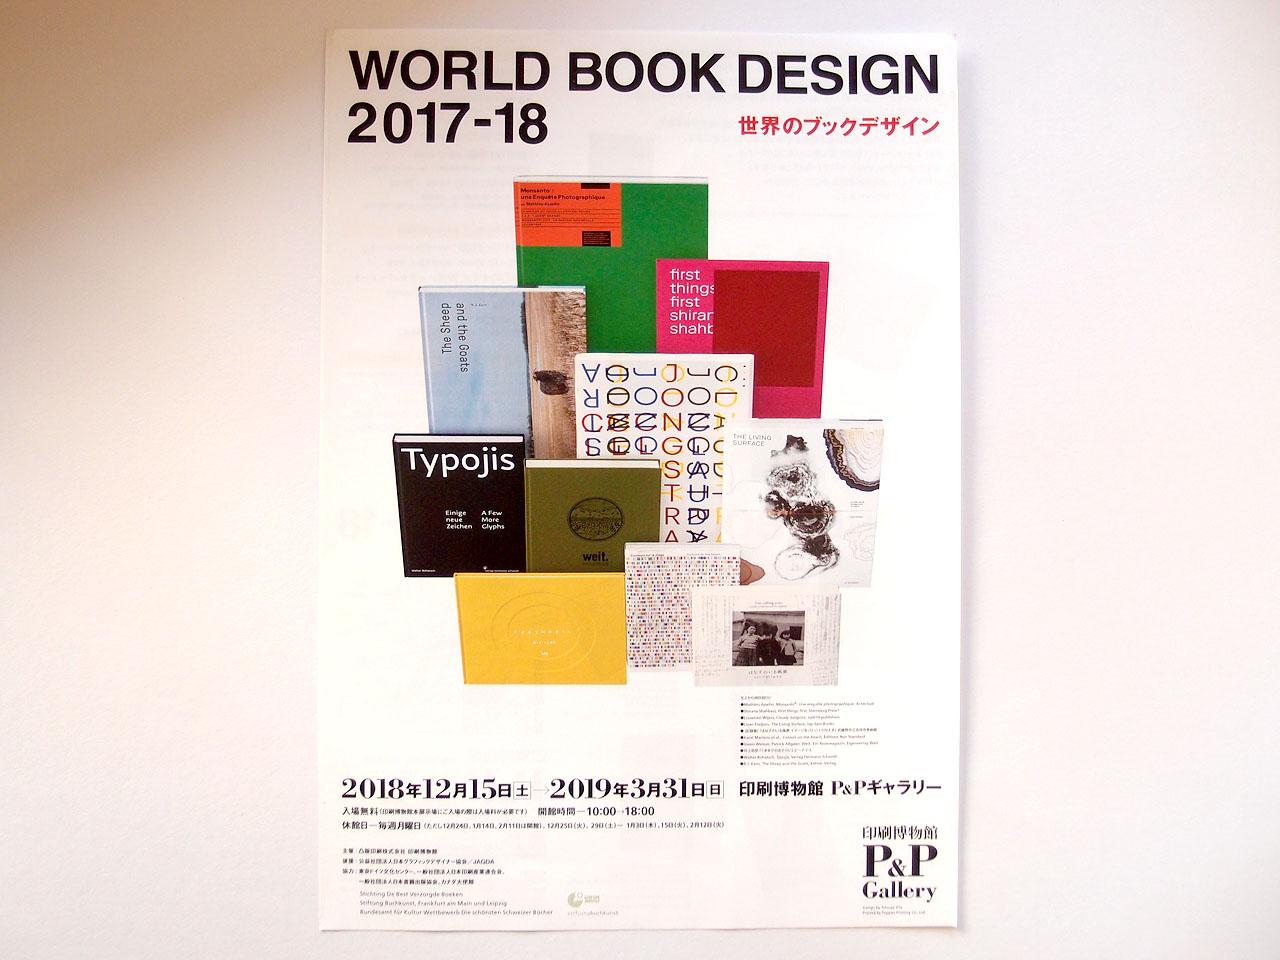 世界のブックデザインフライヤー